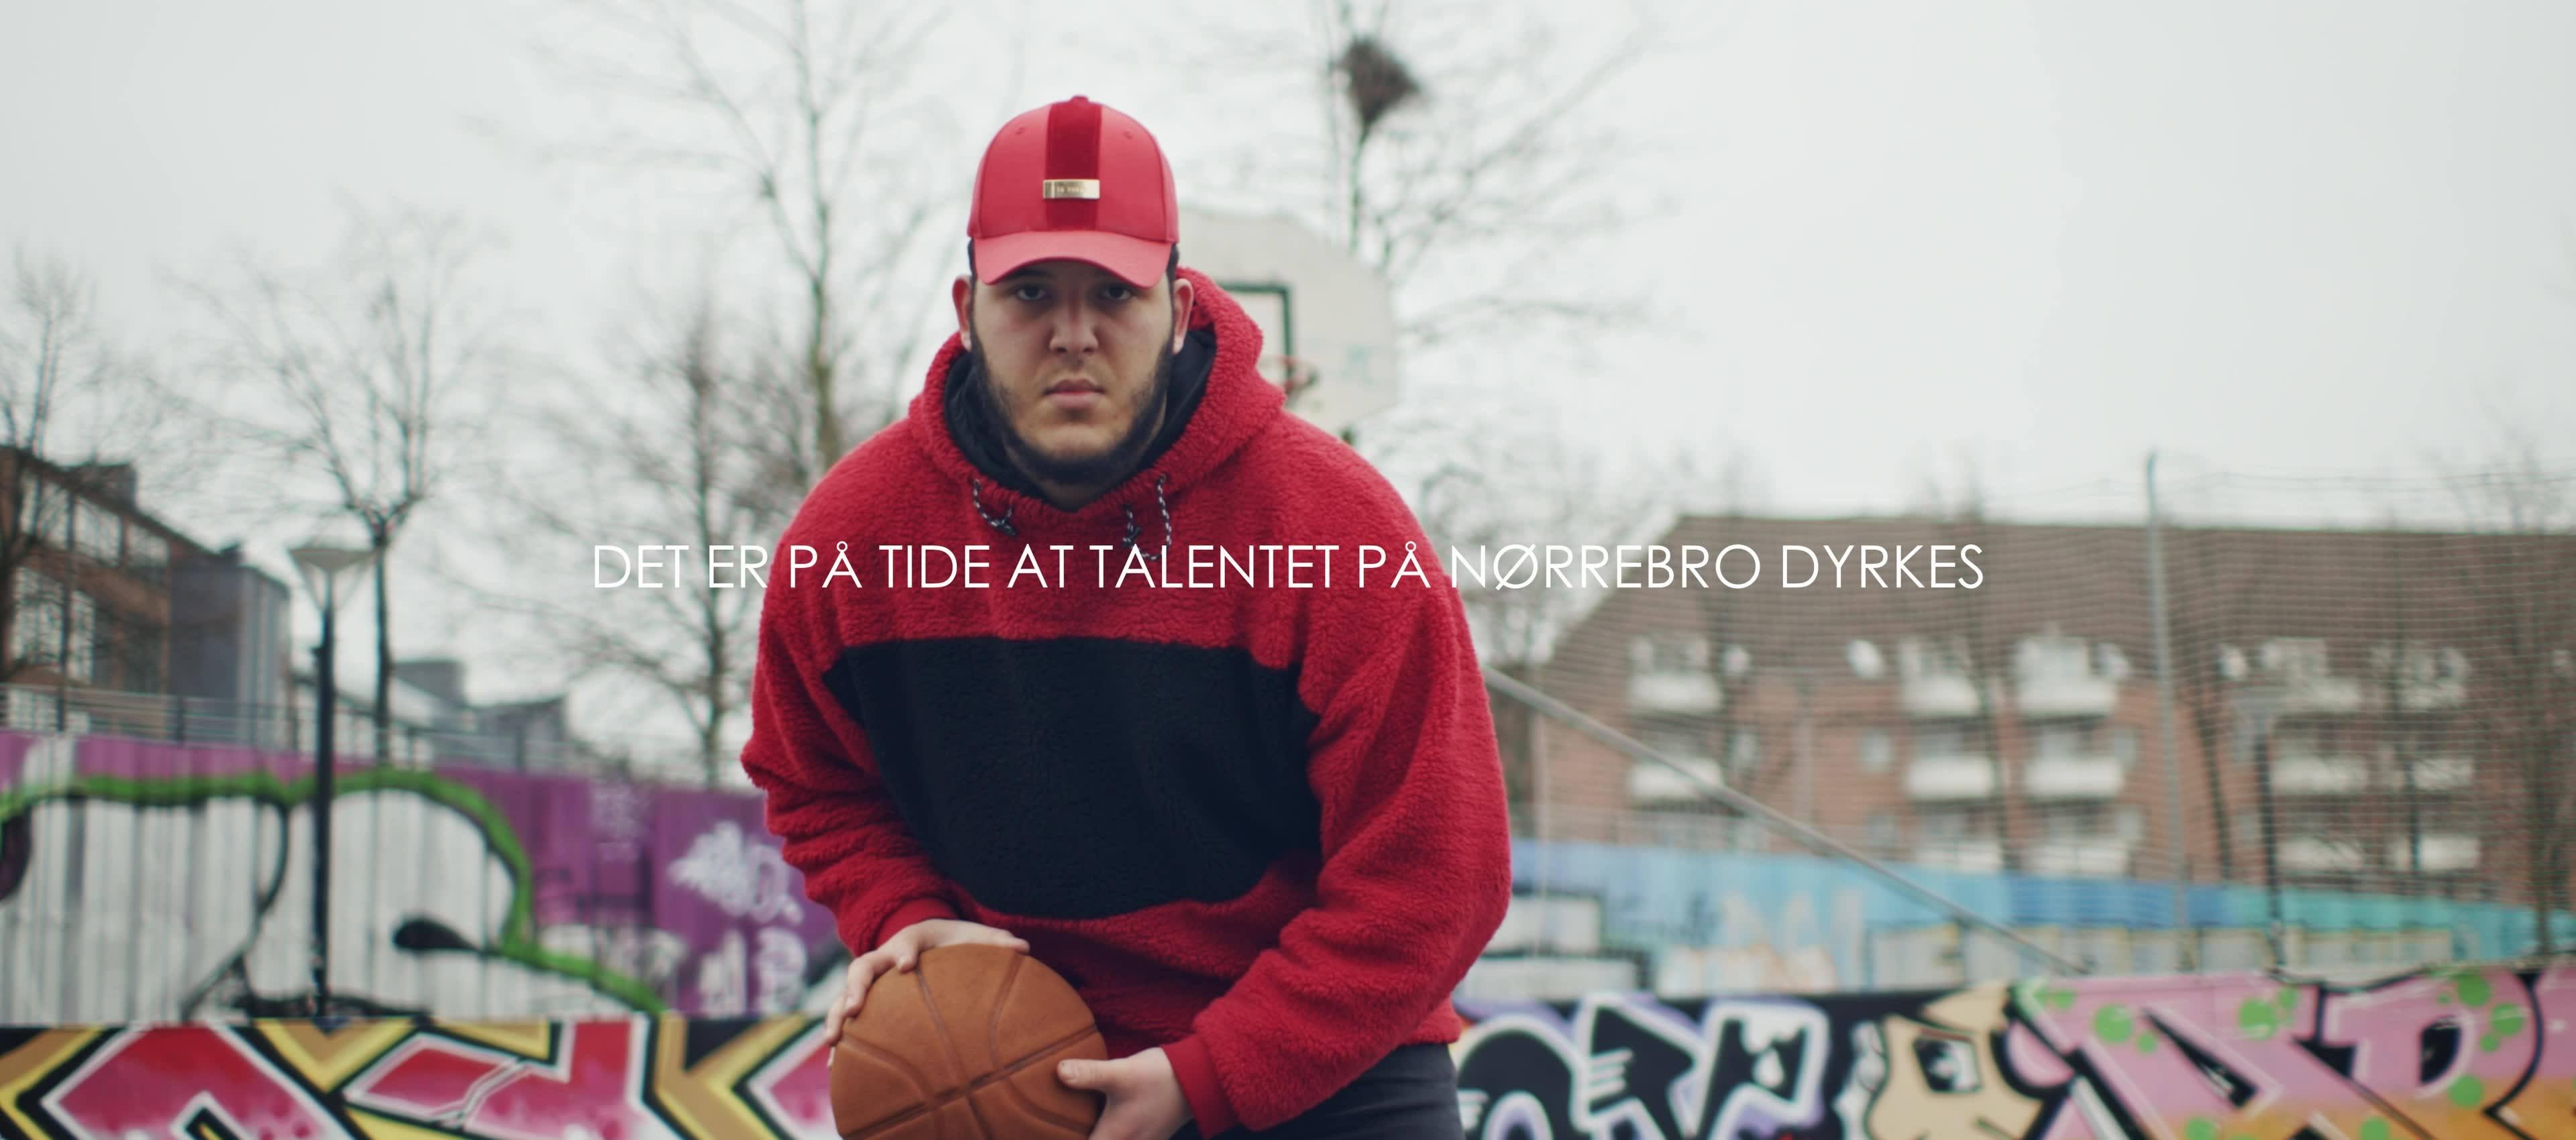 Der er brug for et idrætsanlæg på Ydre Nørrebro!